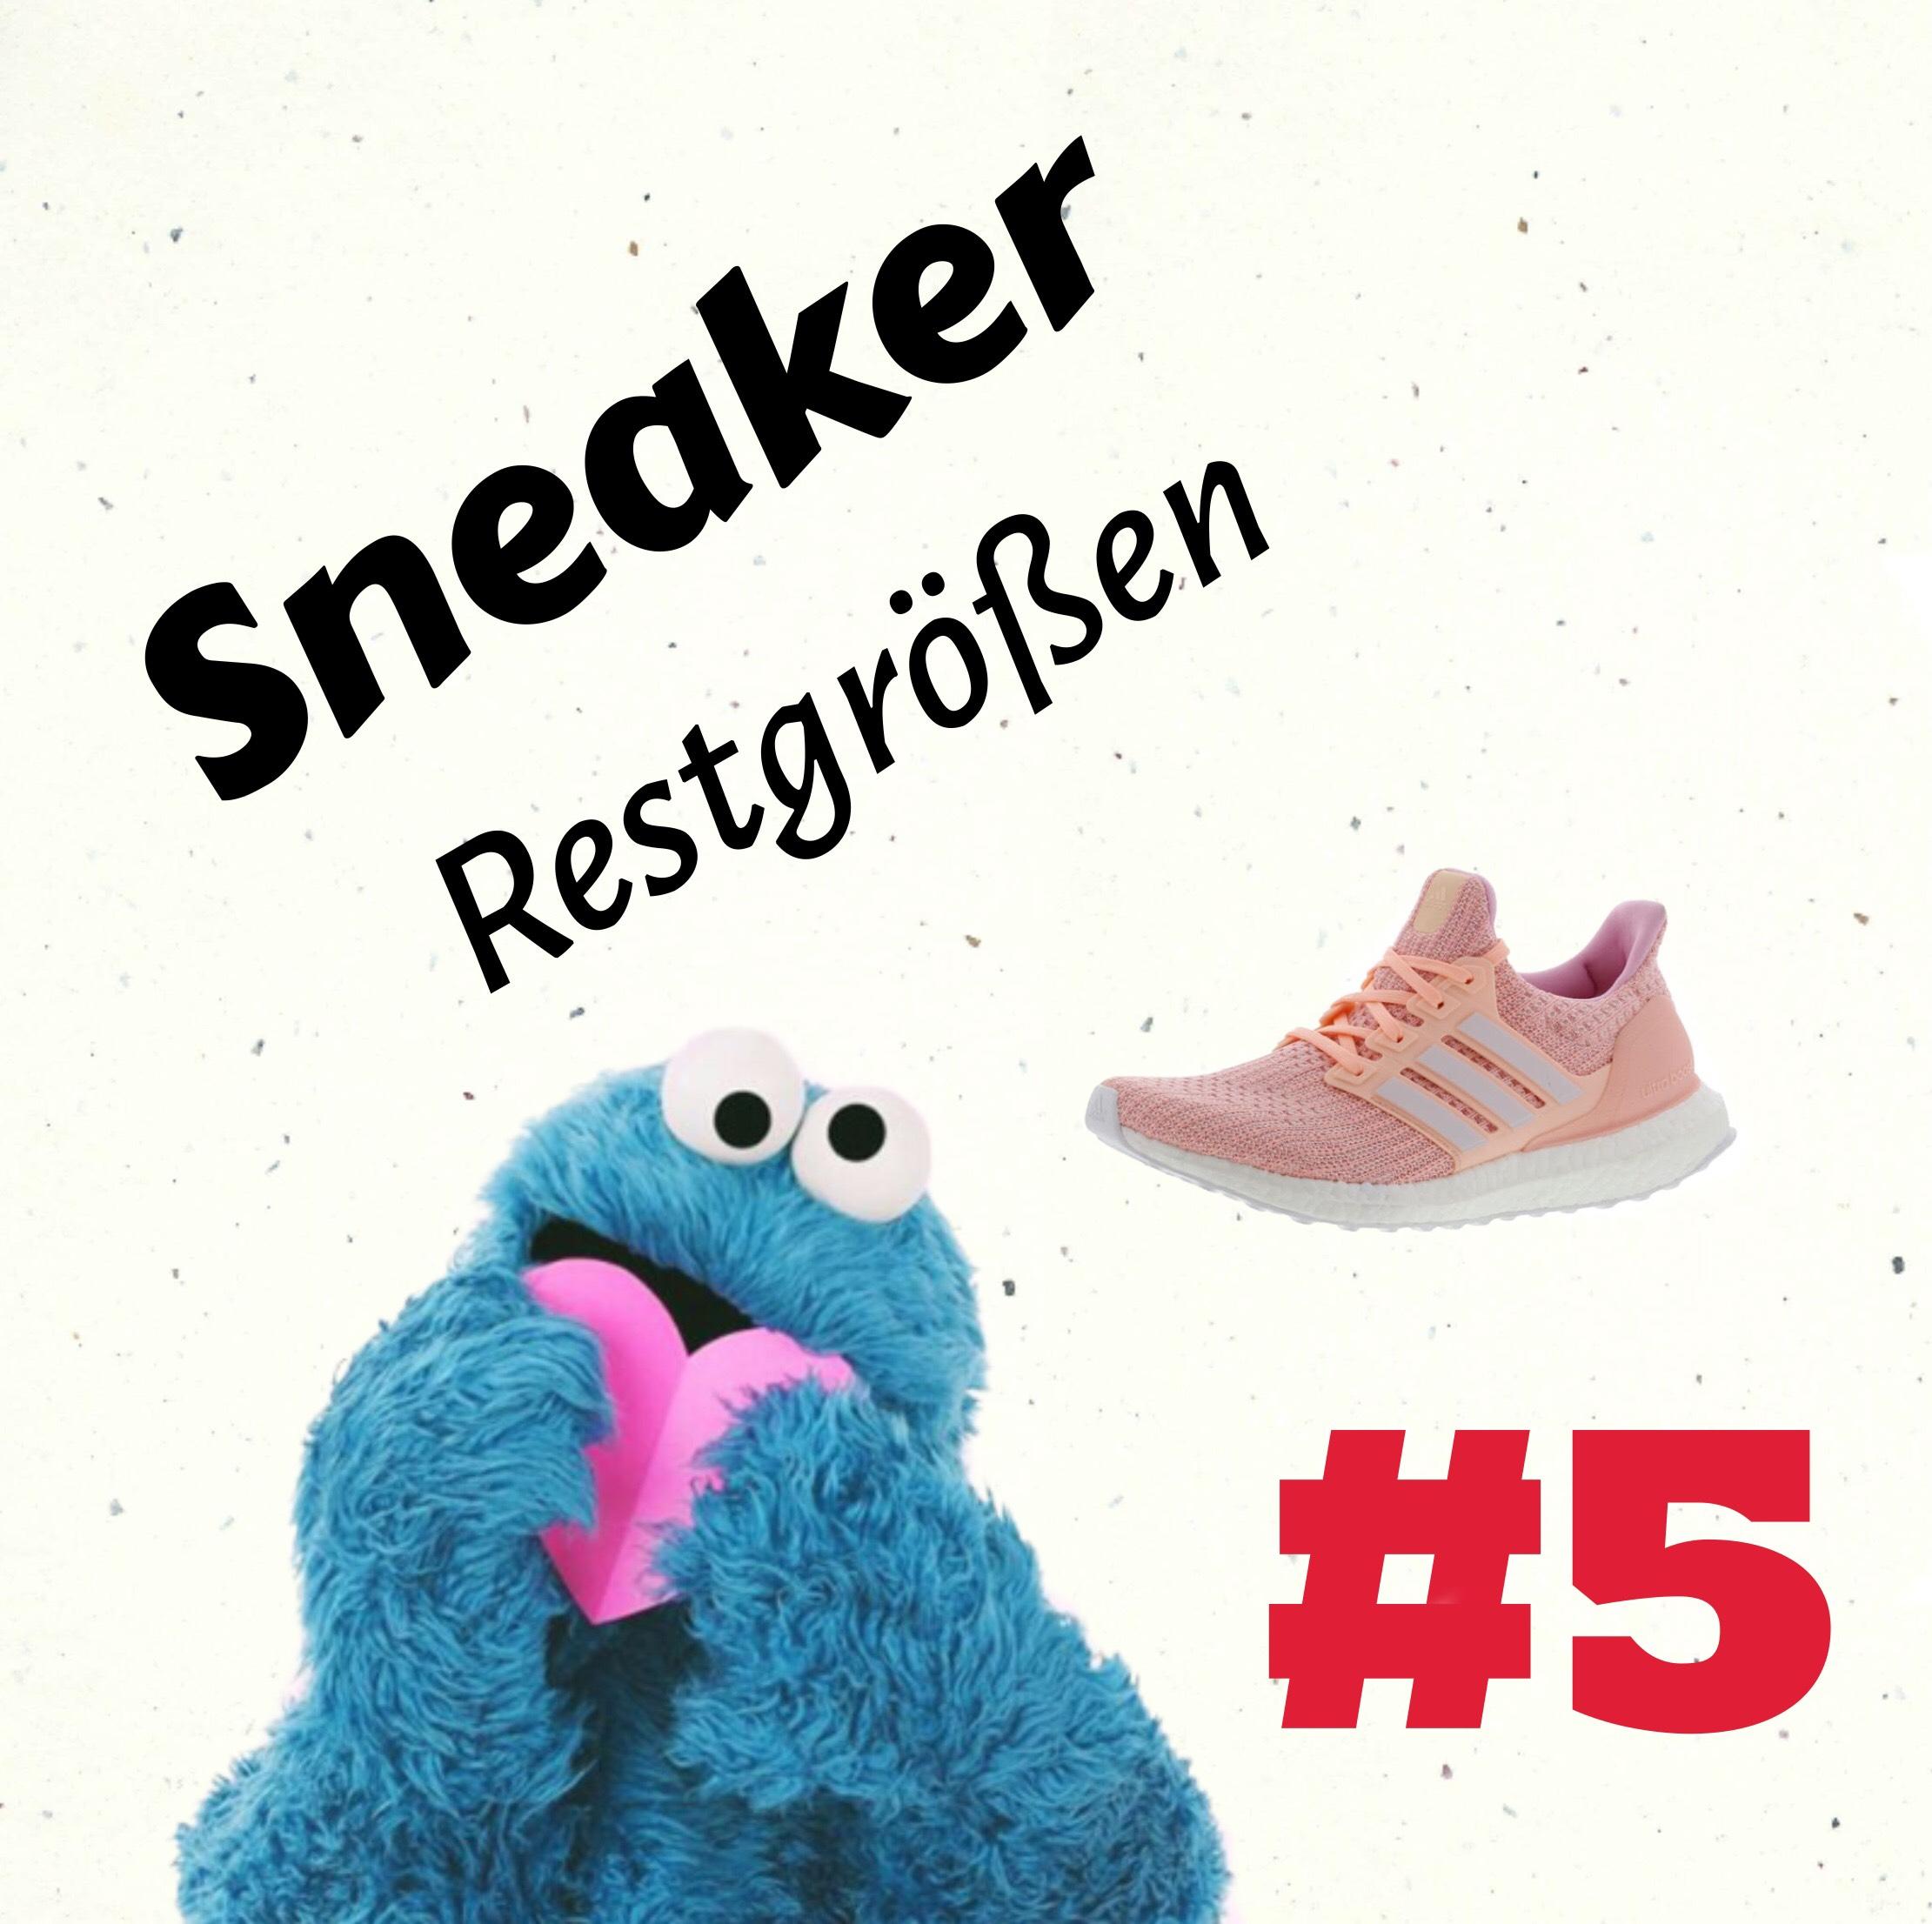 [Sammeldeal] Sneaker Restgrößen #5 Spezial! z.B. mit Adidas Ultra Boost ab 63,17€ inkl. Versand